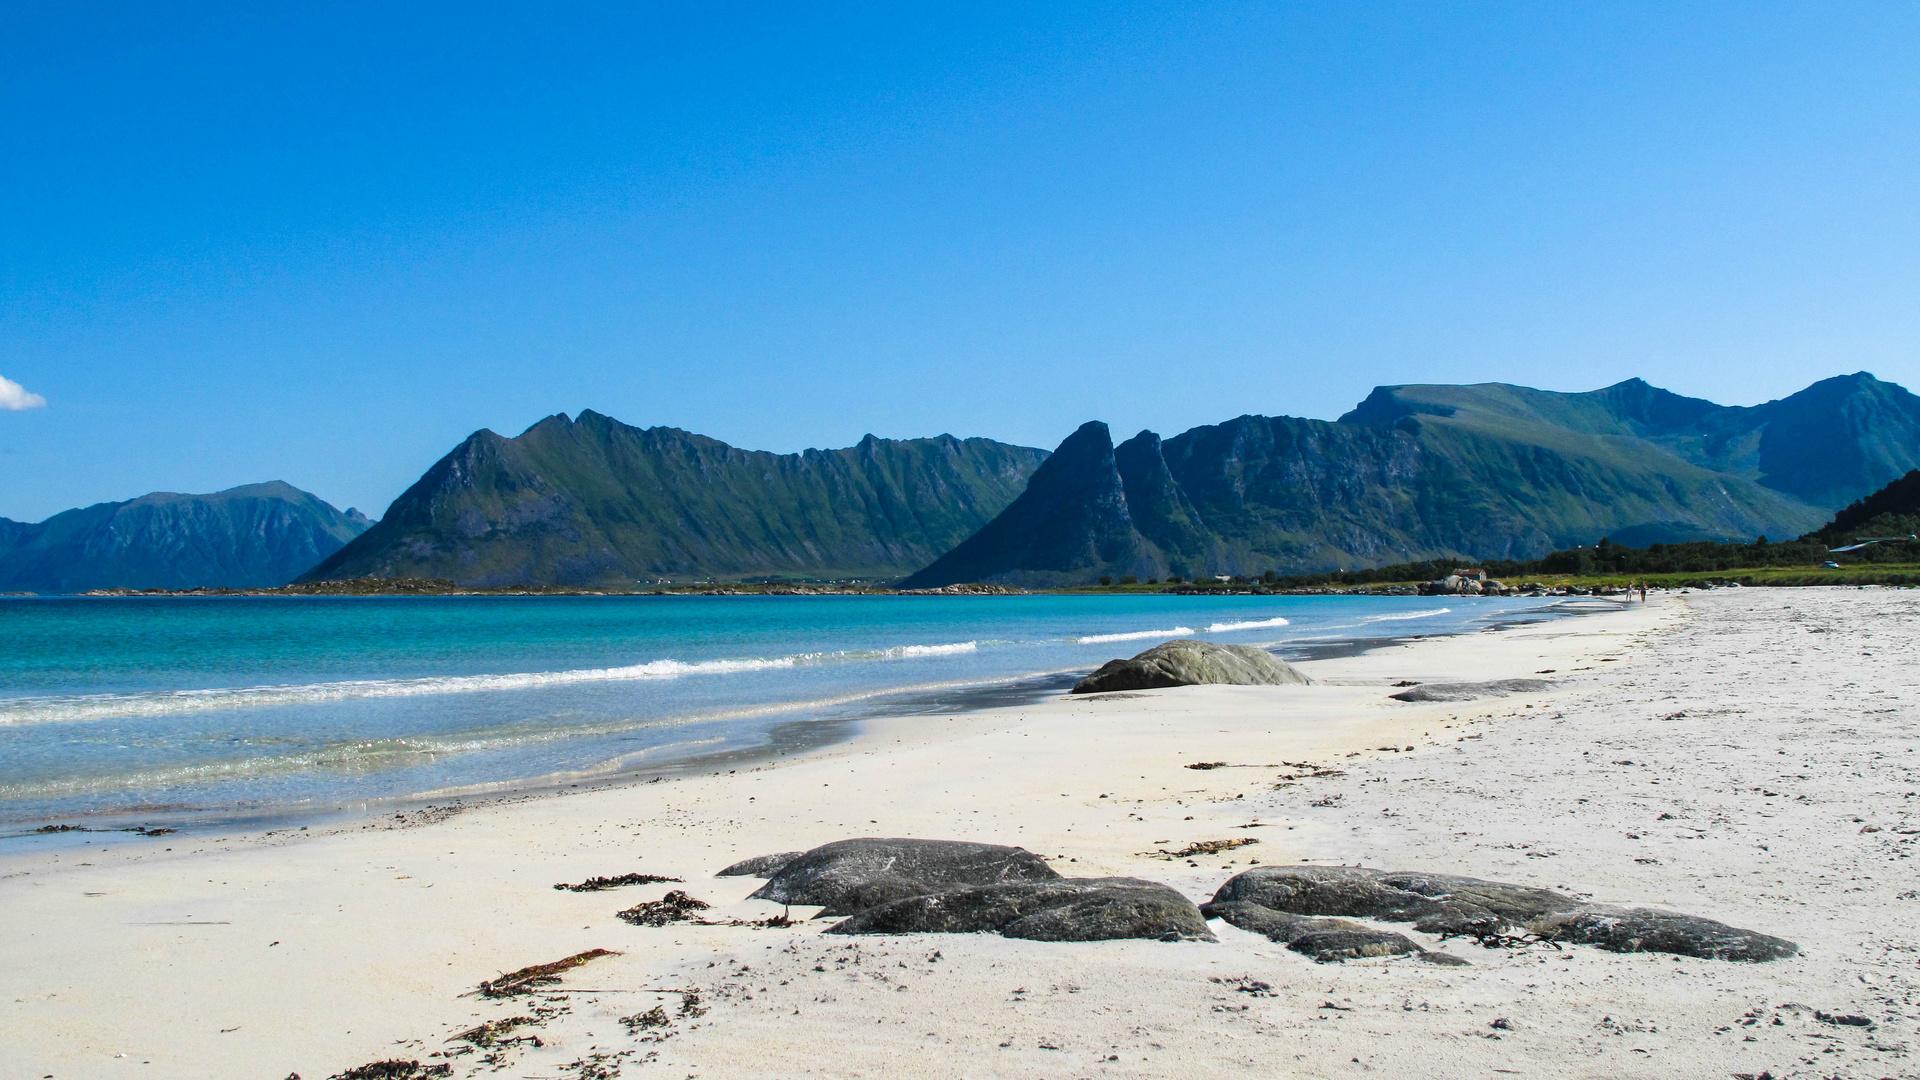 Strandwetter.........wenn nur das Wasser nichtr so kalt wäre